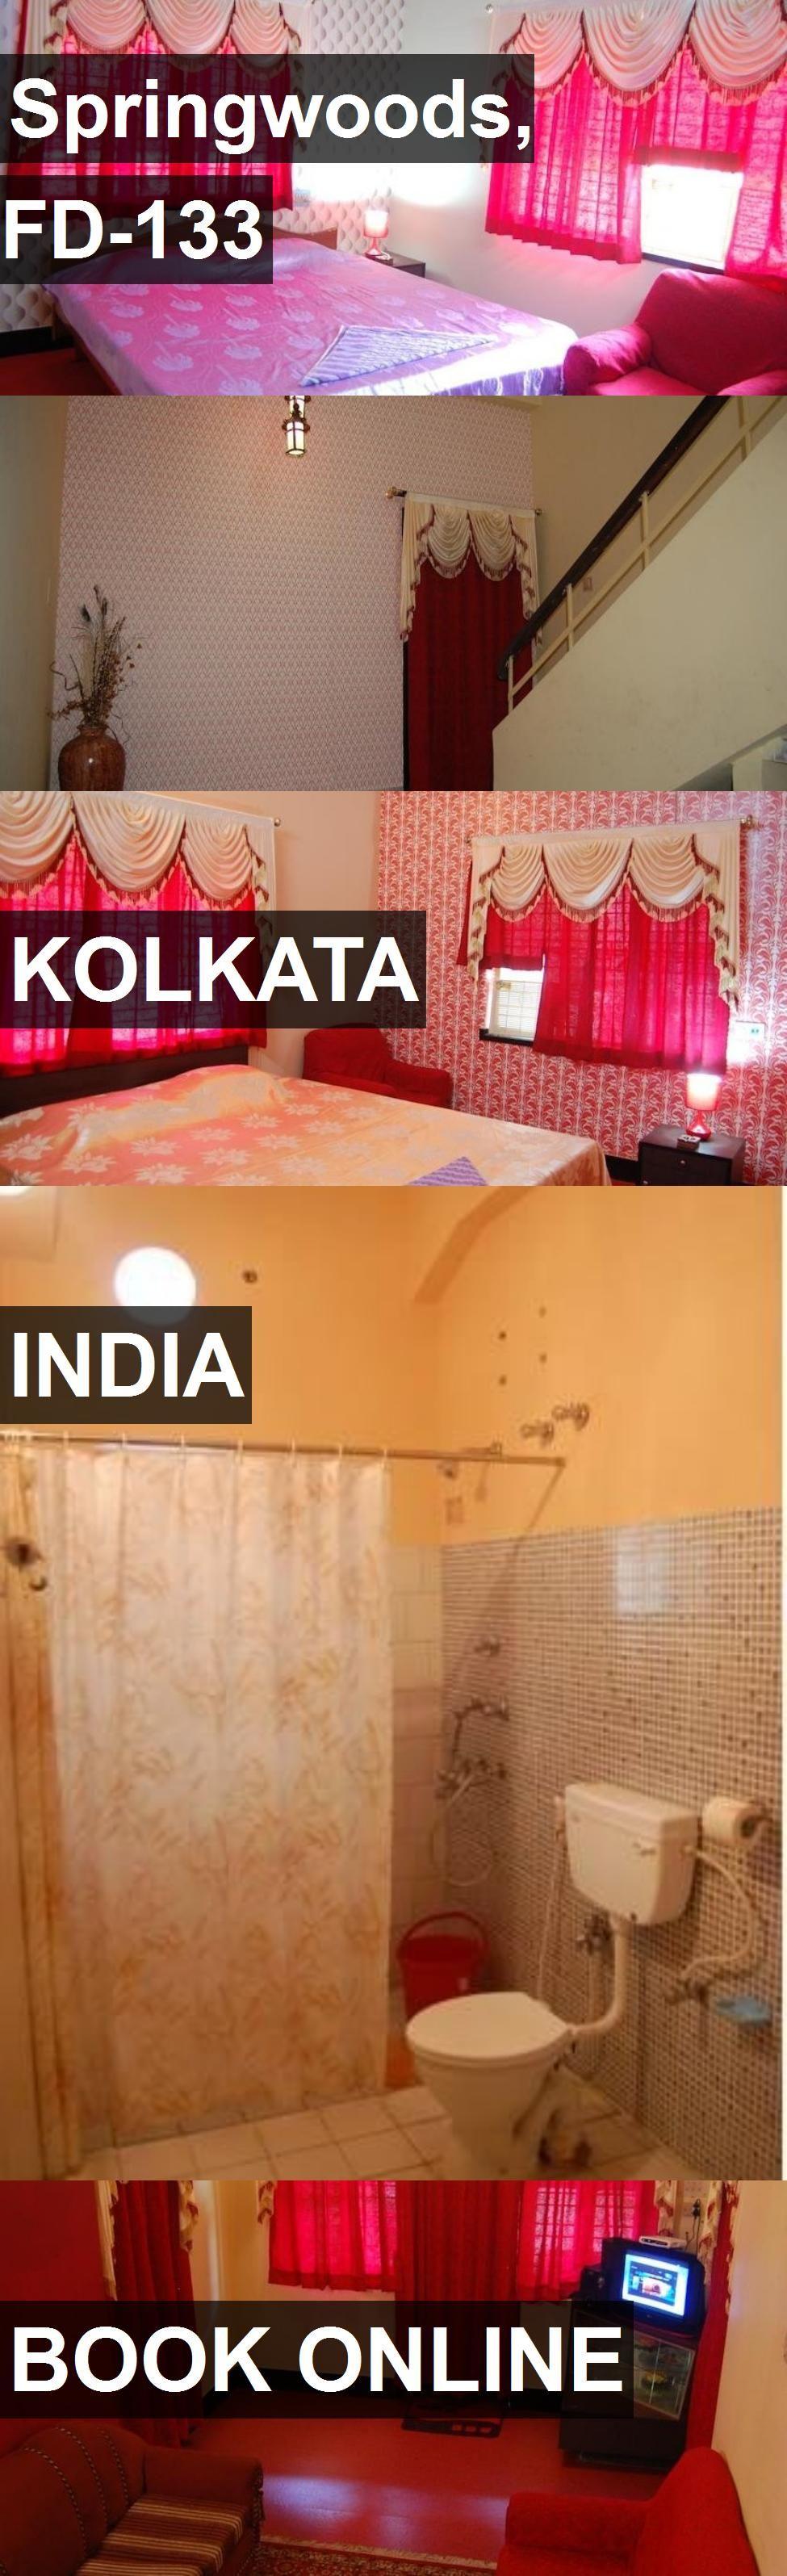 Hotel Springwoods, FD133 in Kolkata, India. For more